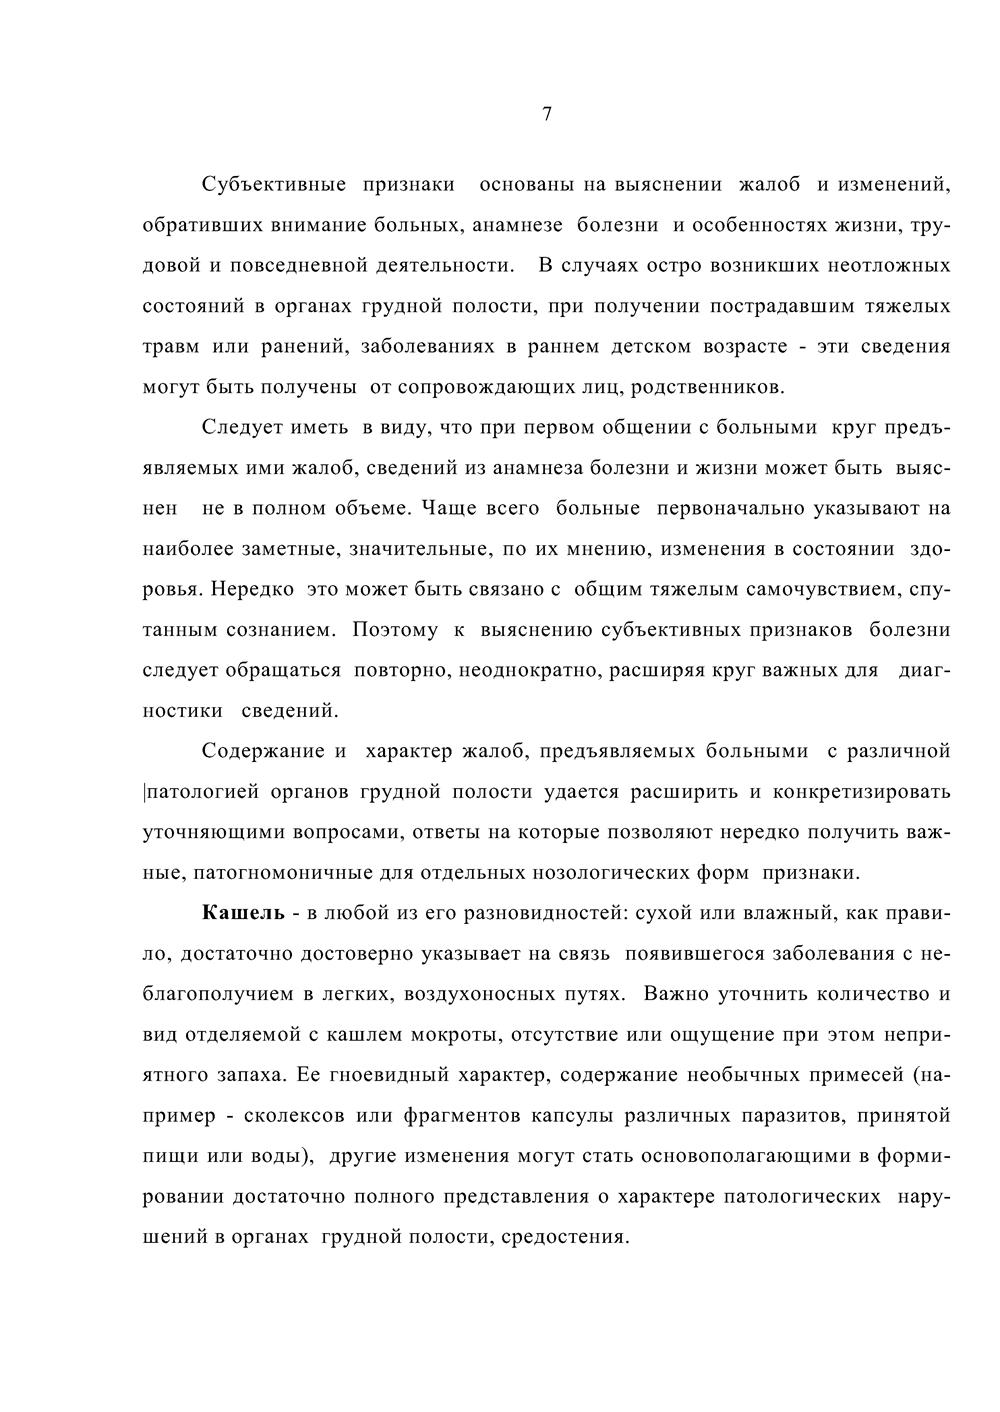 http://ipic.su/img/img7/fs/p0014.1591856265.jpg